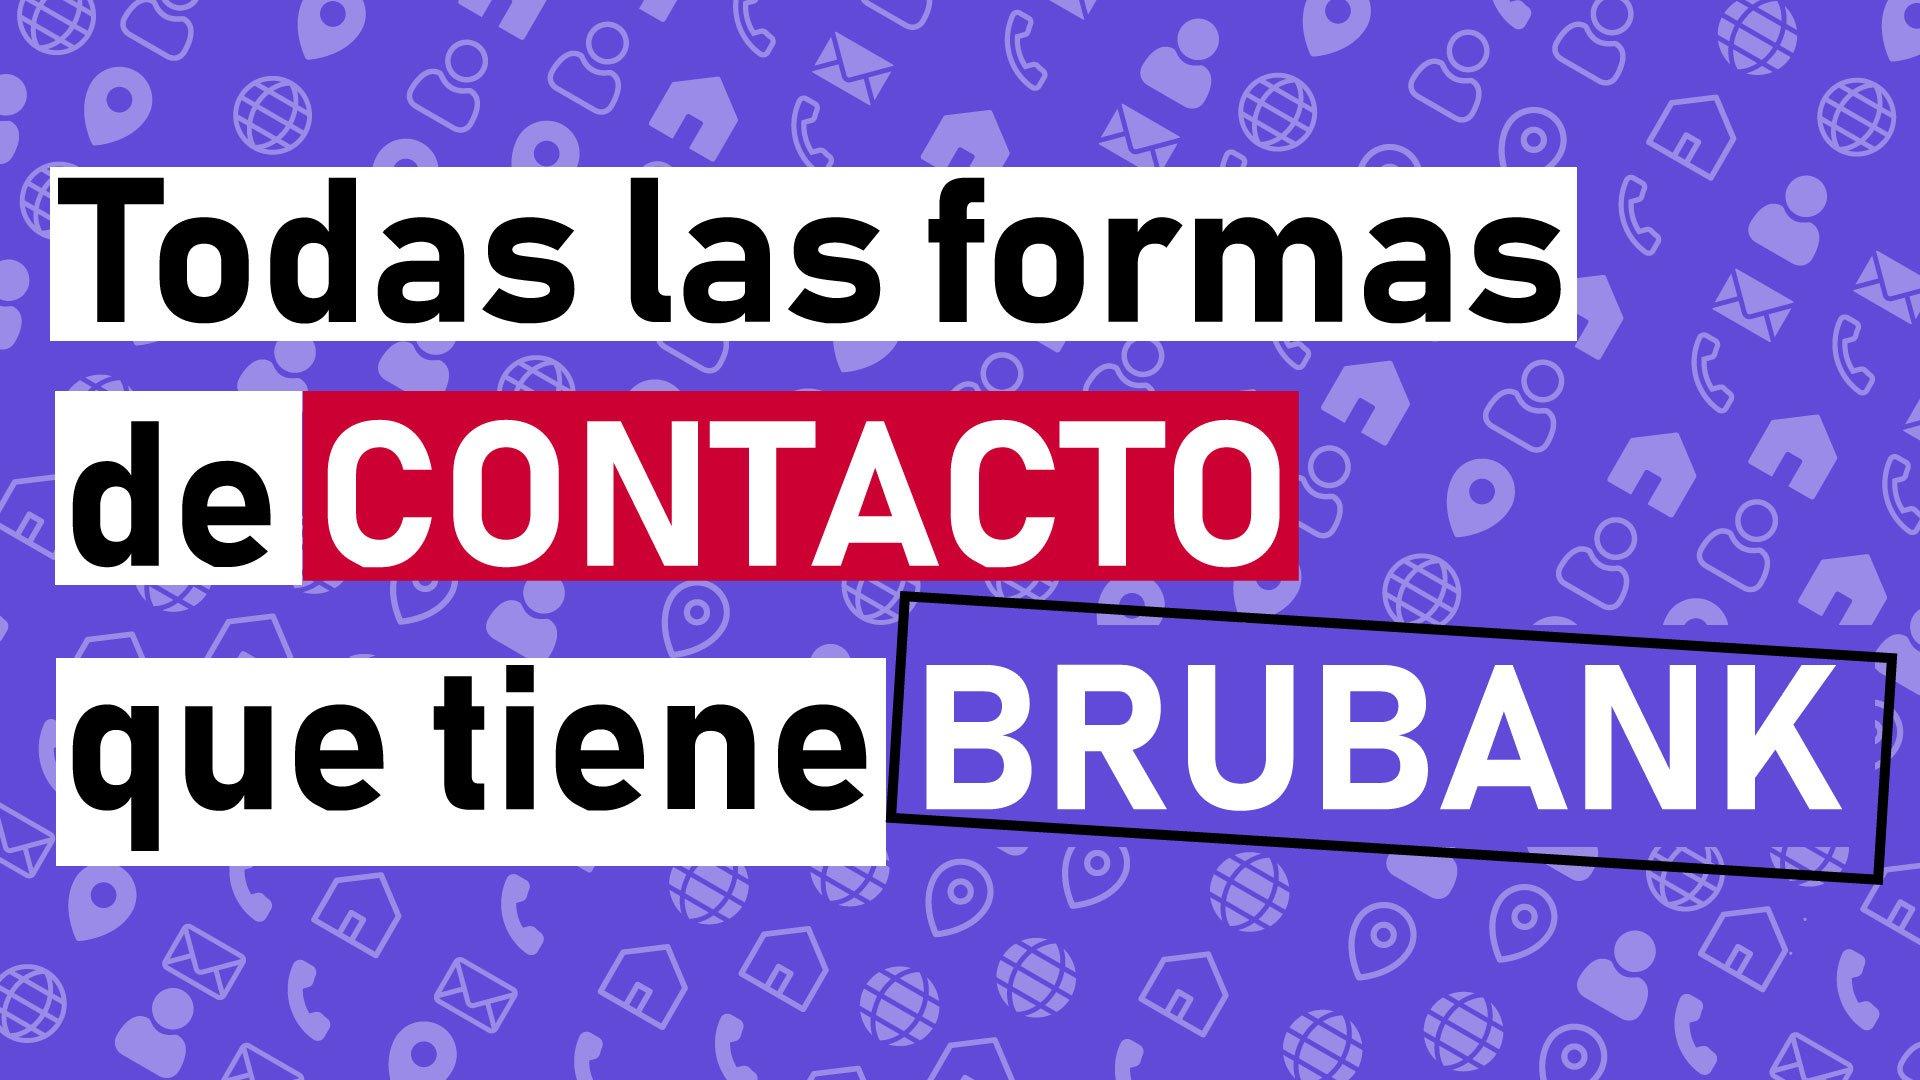 Como contactar con Brubank por Correo, Chat, Etc